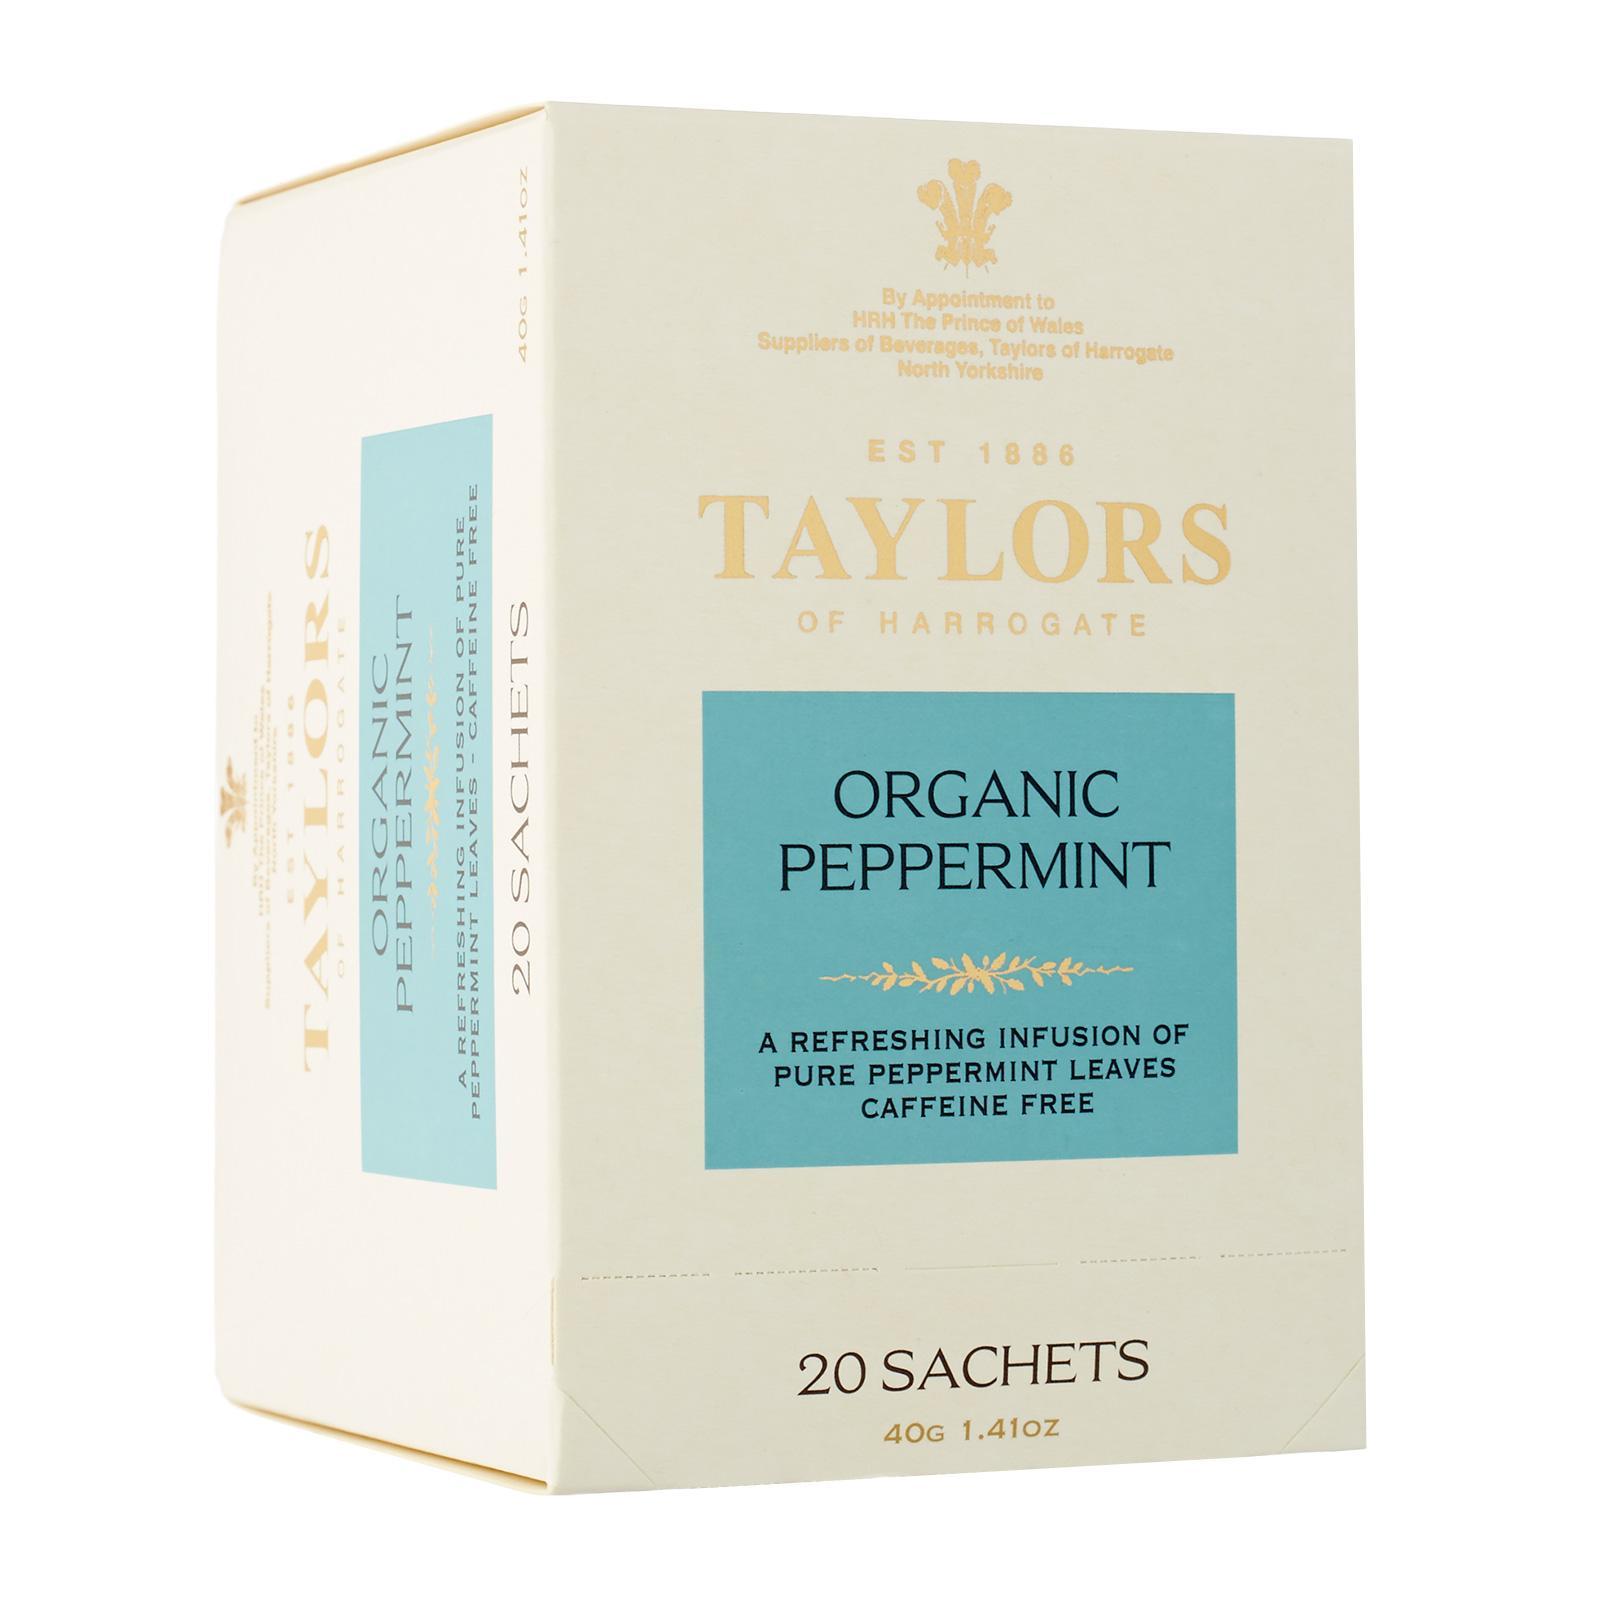 Taylors Of Harrogate Organic Peppermint Tea 20s By Redmart.